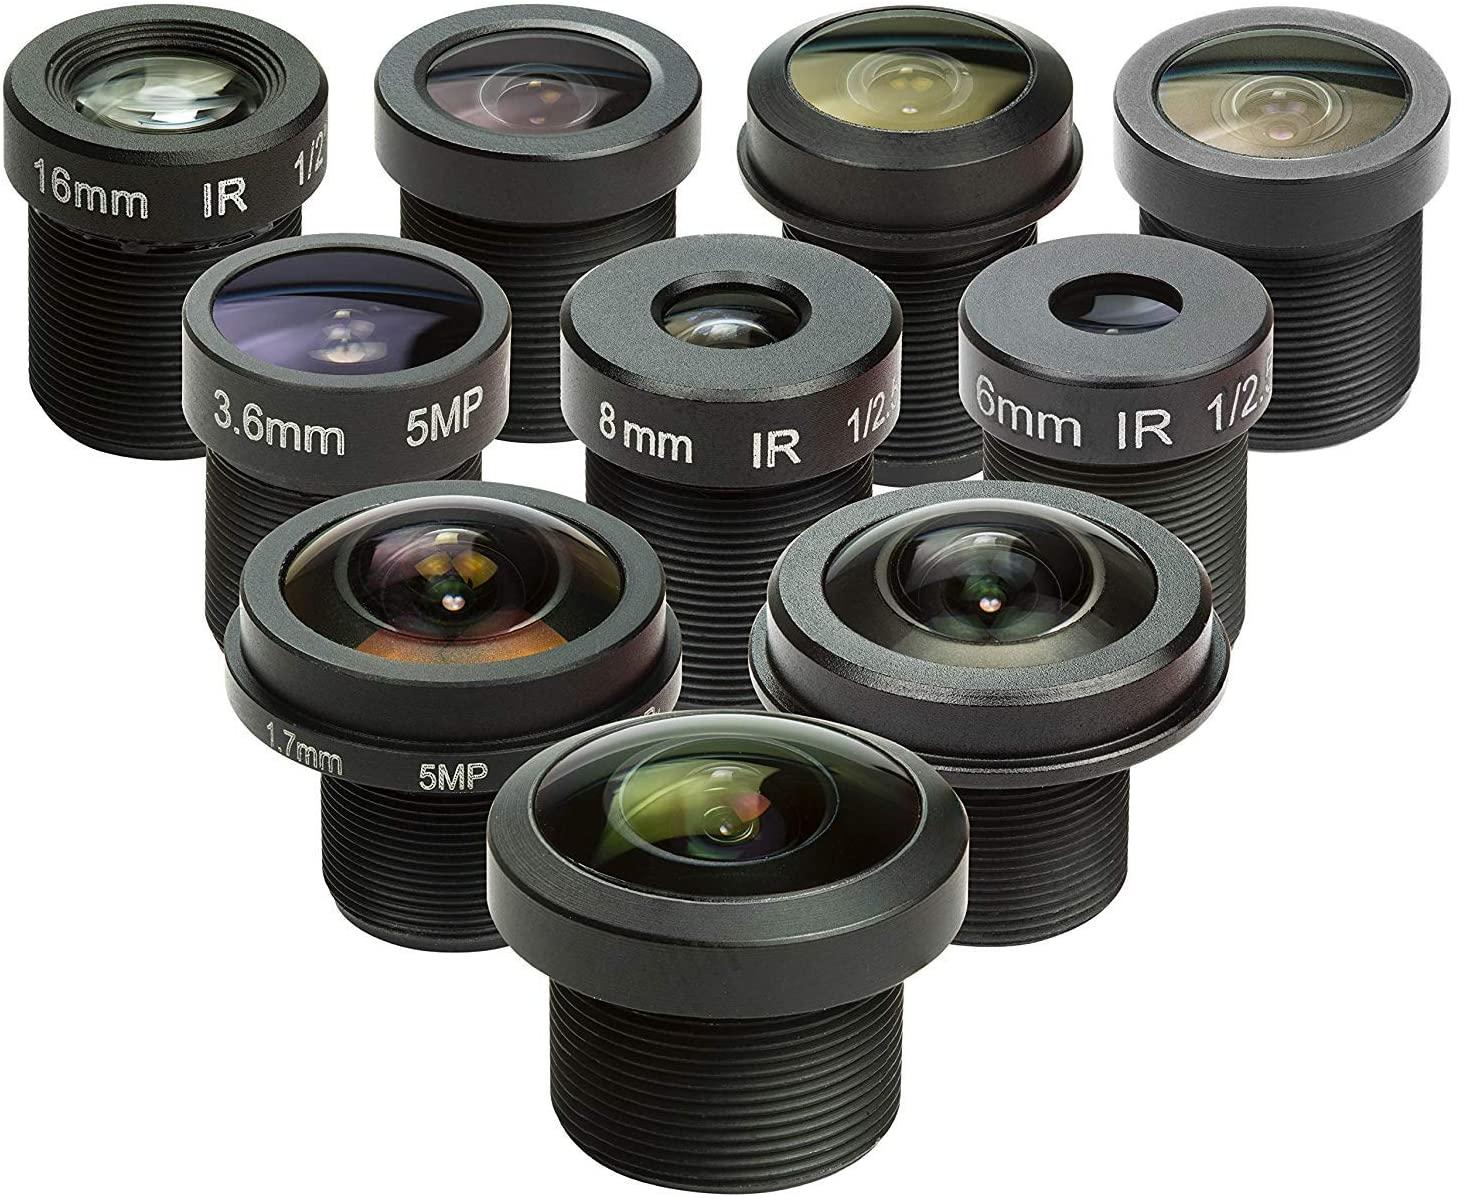 M12 Lens Set, Arducam Lens for Raspberry Pi Camera (1/4